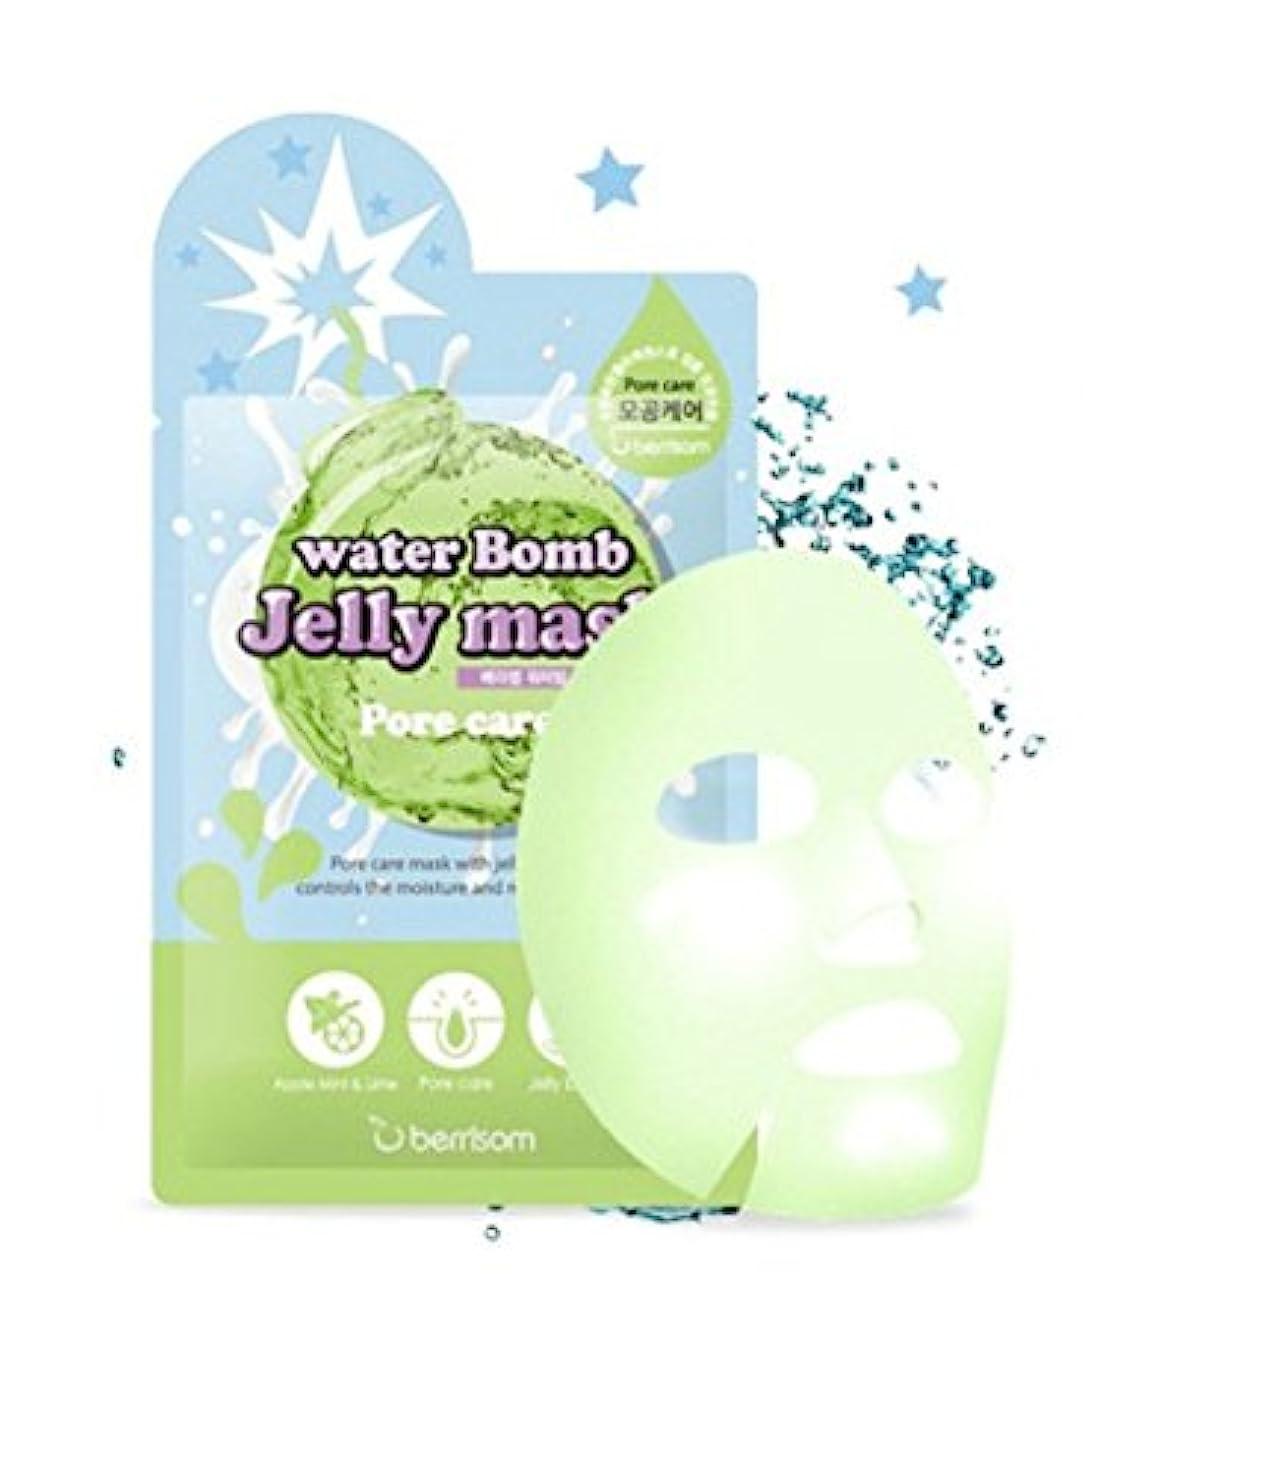 啓発する入手します不条理ベリサム(berrisom) ウォーター爆弾ジェリーマスクパック Water Bomb Jelly Mask #毛穴ケアー